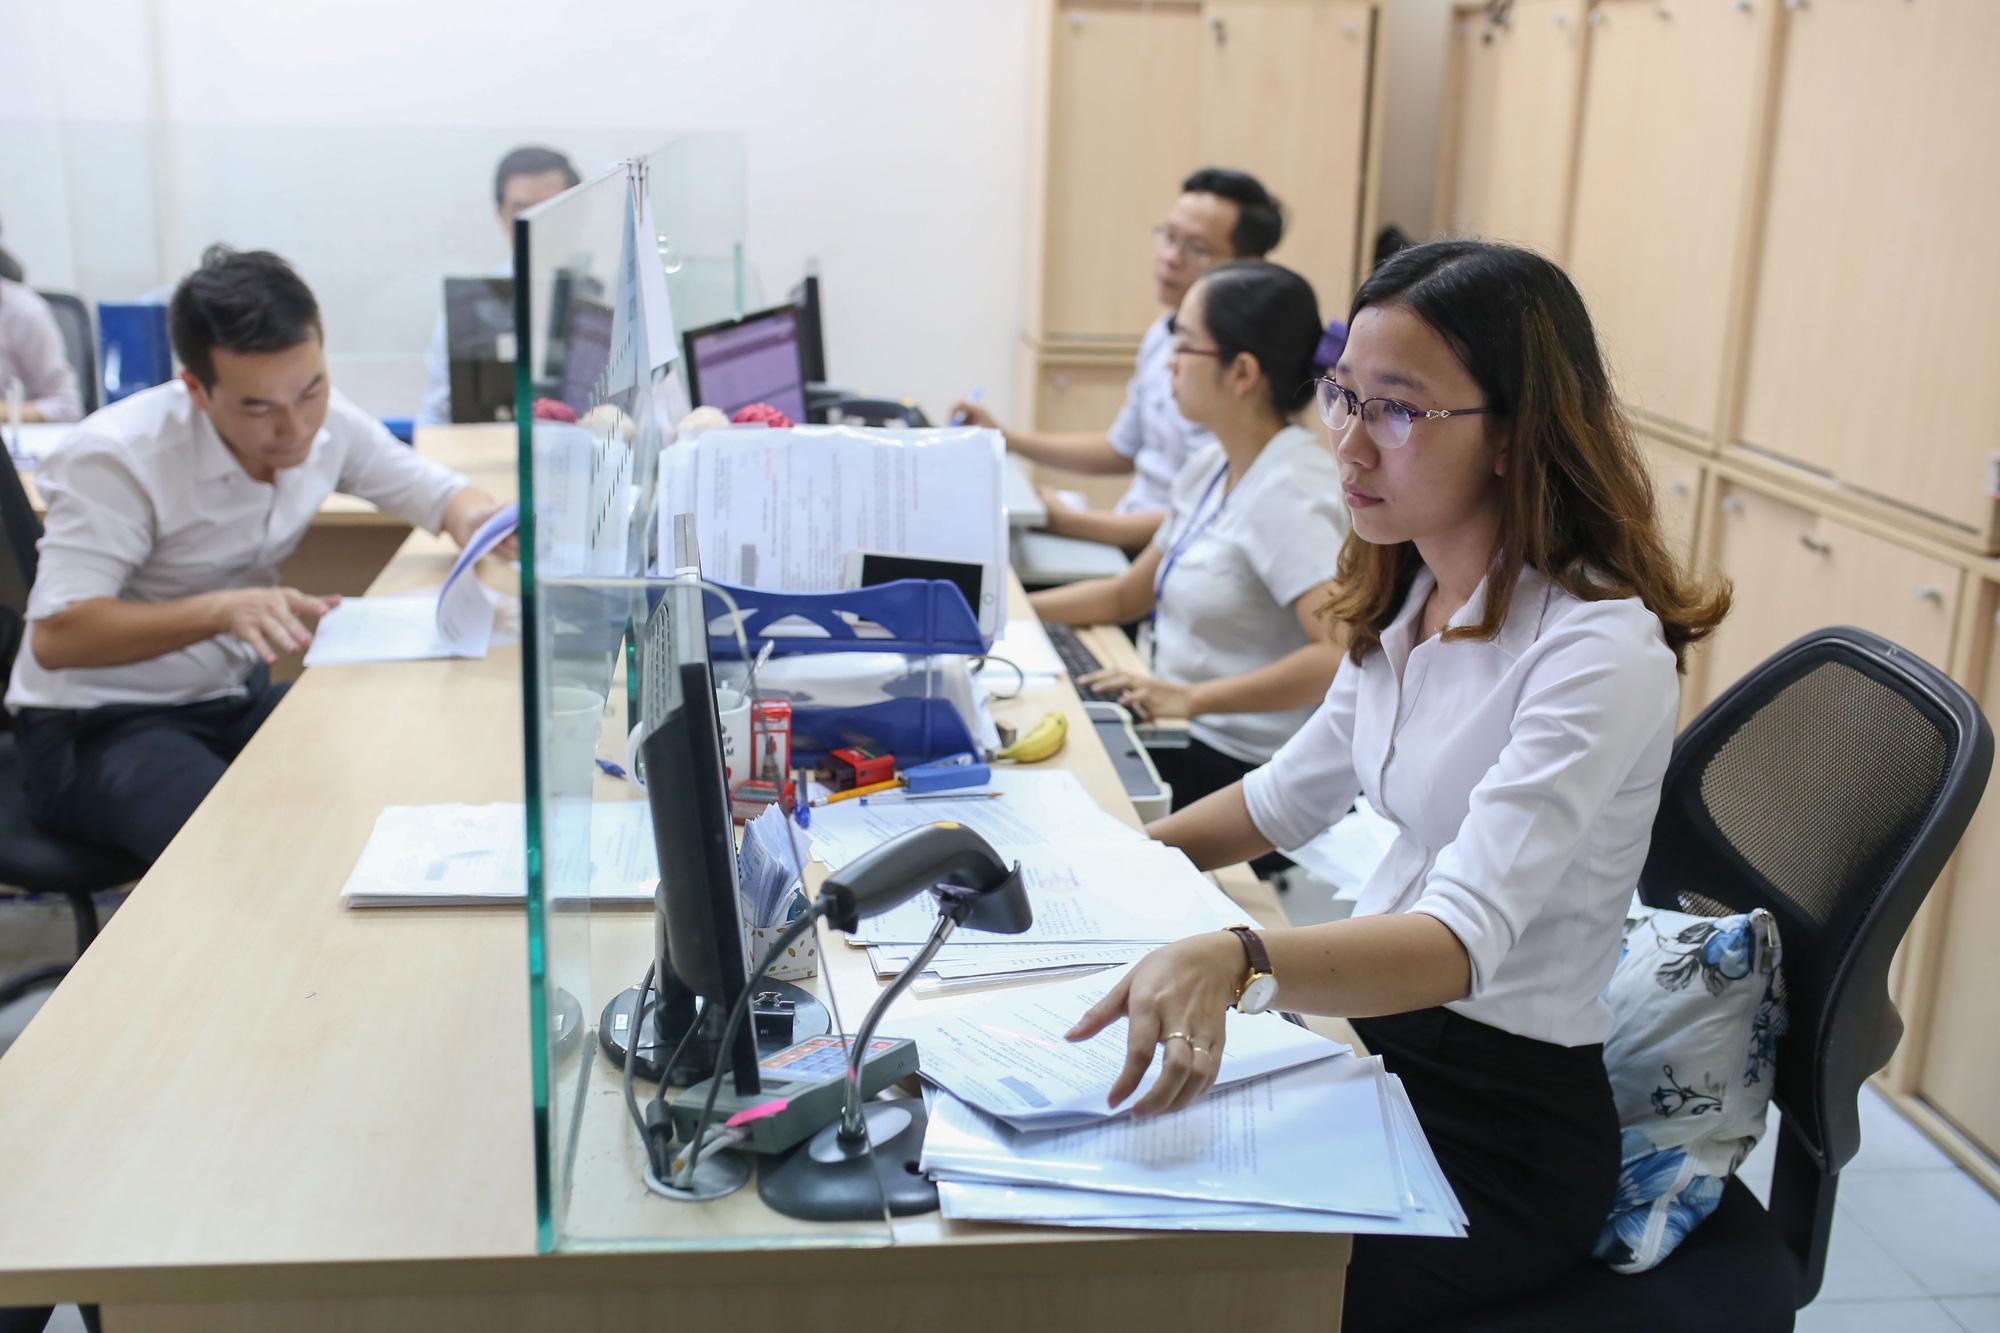 """PGS.TS Bùi Hoài Sơn: """"Tôi ủng hộ quy định không mặc quần bò đi làm của Bộ Nội vụ"""" - Ảnh 2."""